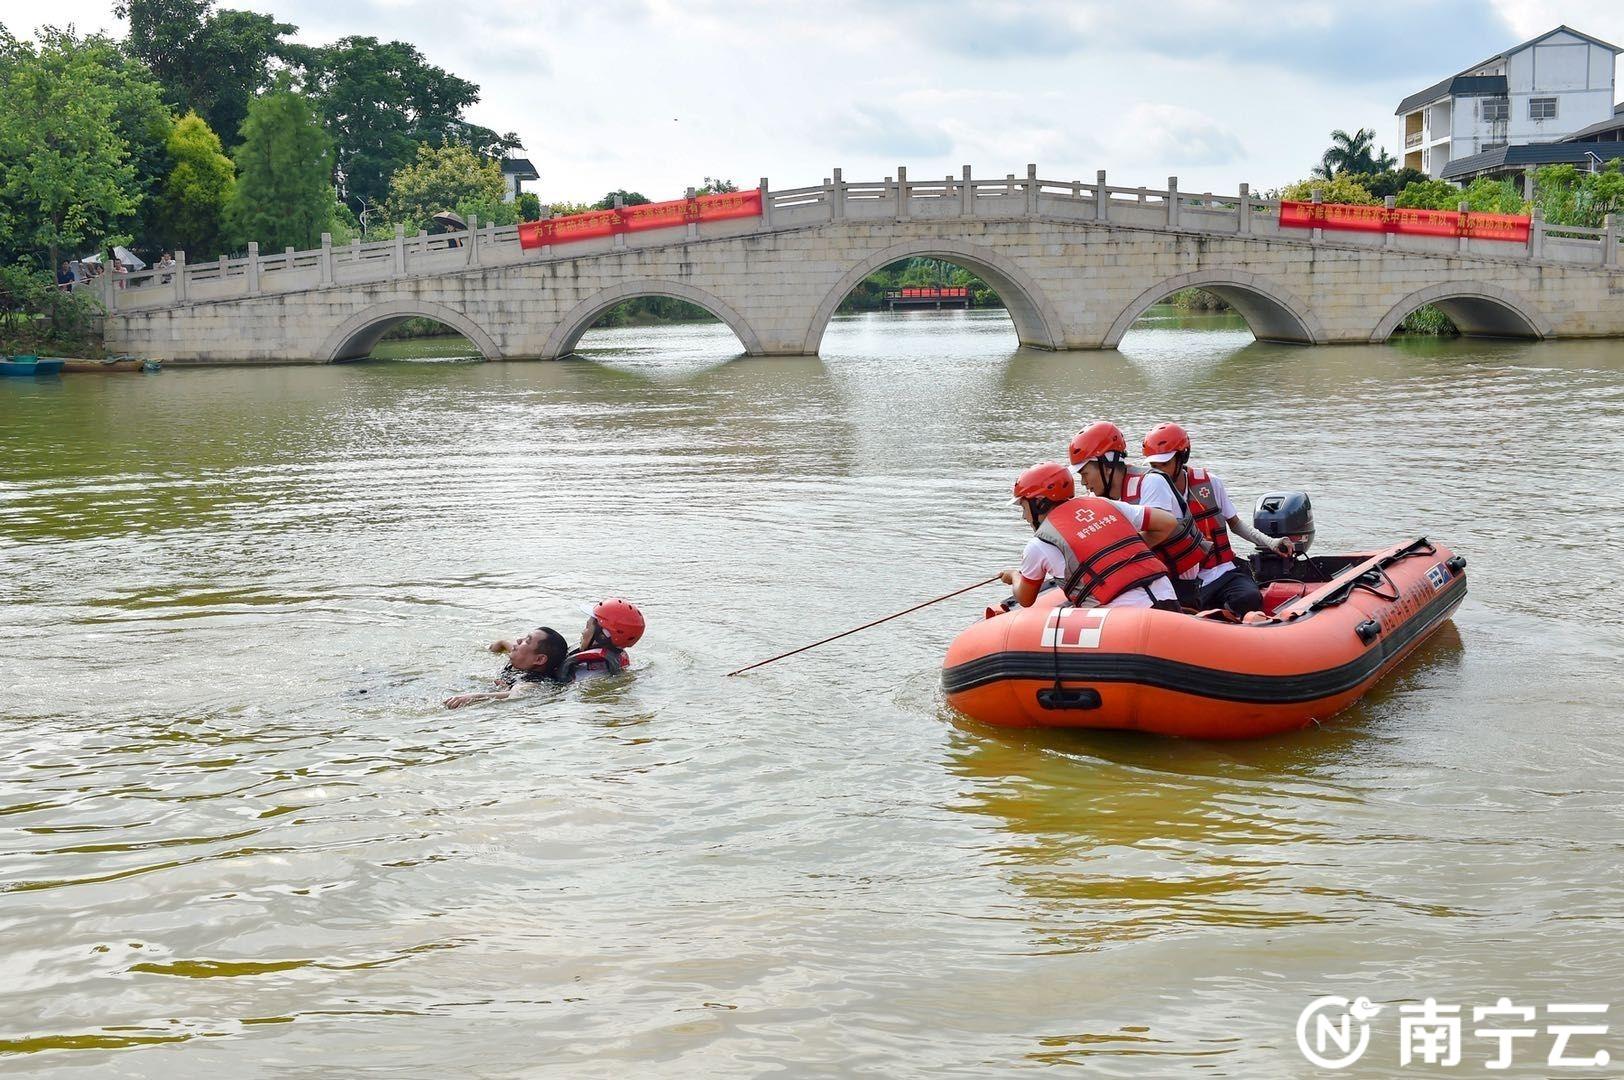 西乡塘区红十字会开展水上应急救援演练 提高突发事件应对能力